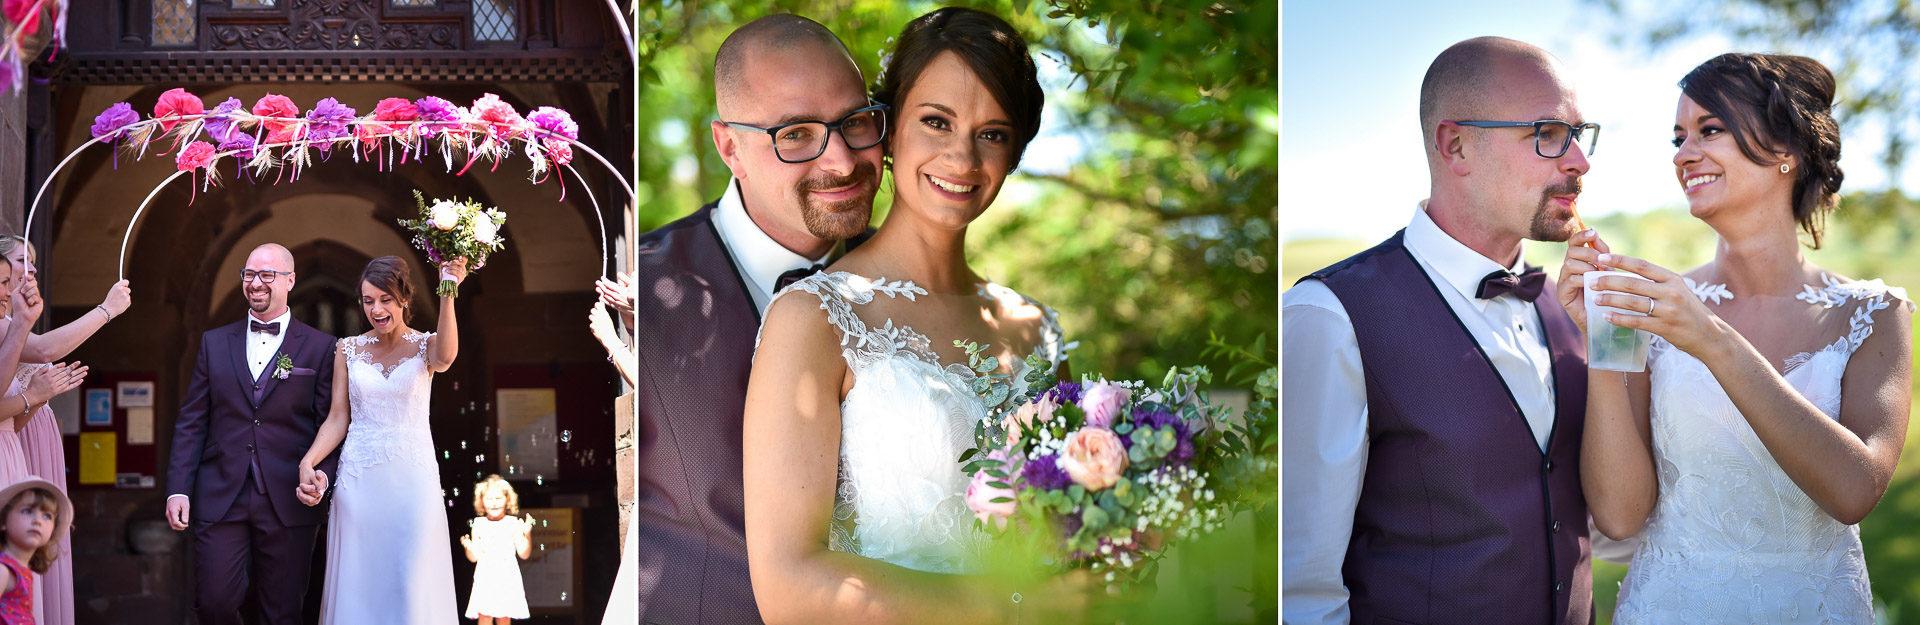 Mariage convivial Saverne - Valentine Poulain couple